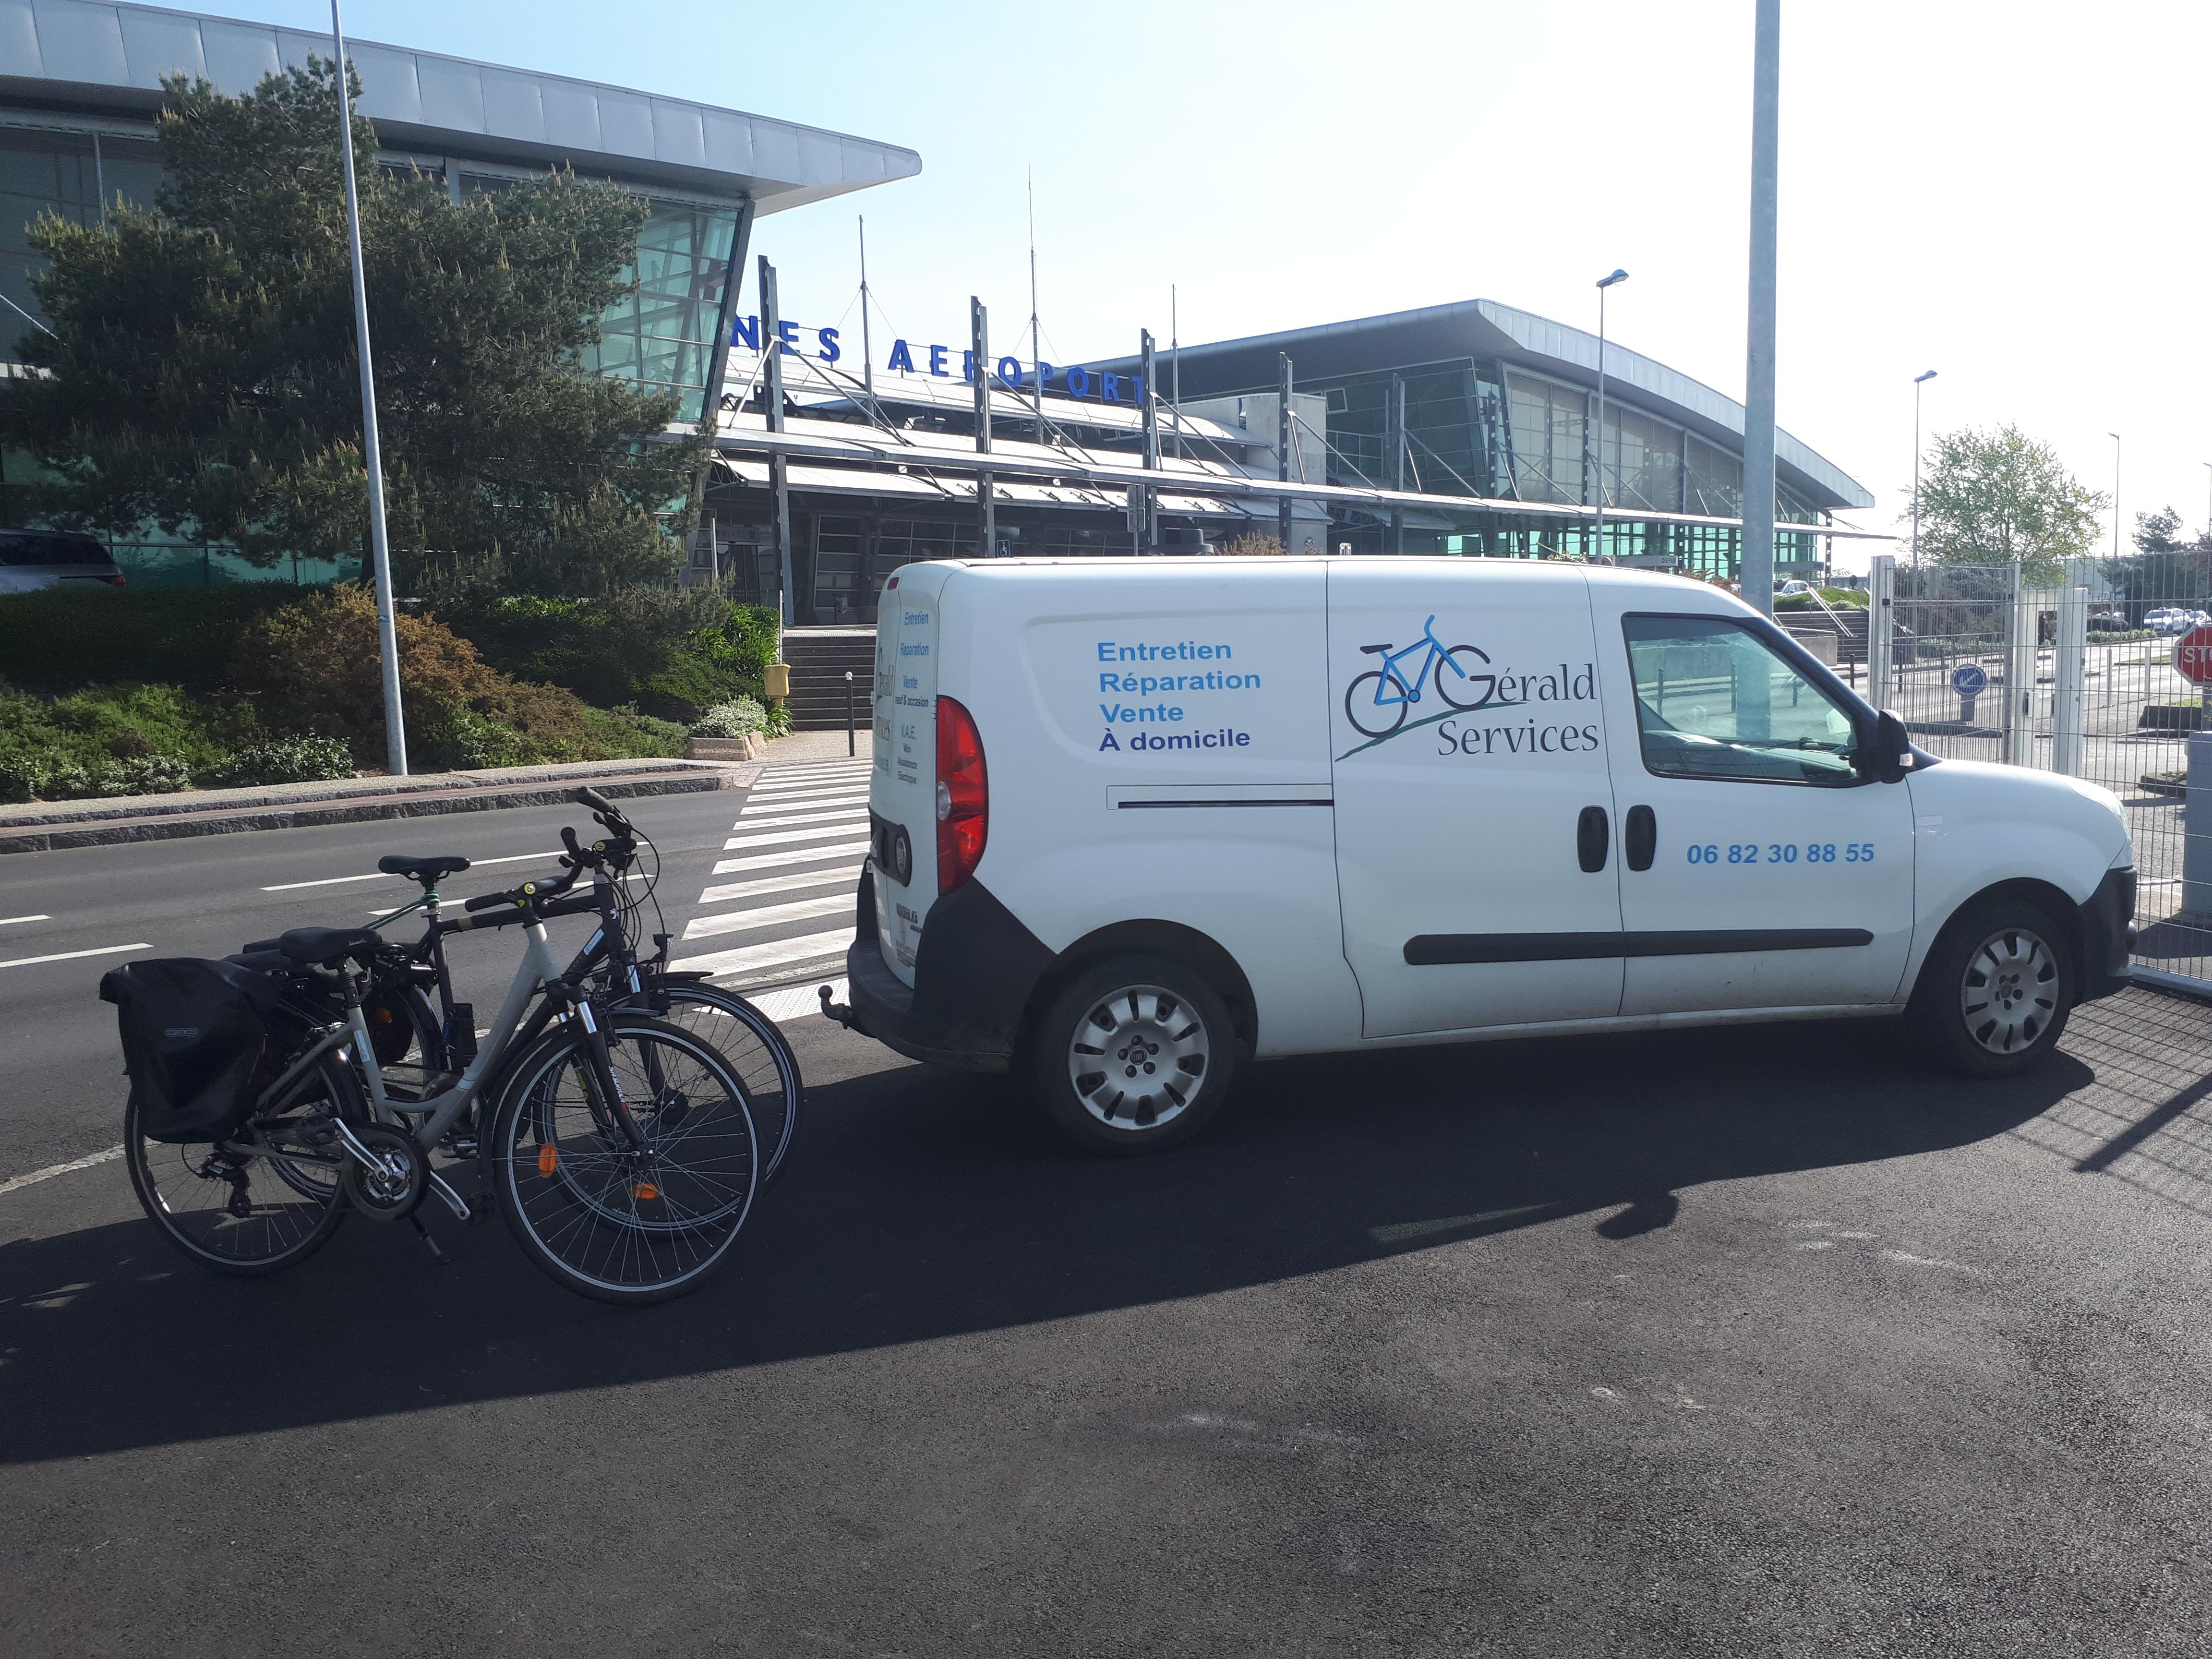 Aéroport de Rennes GERALD SERVICES